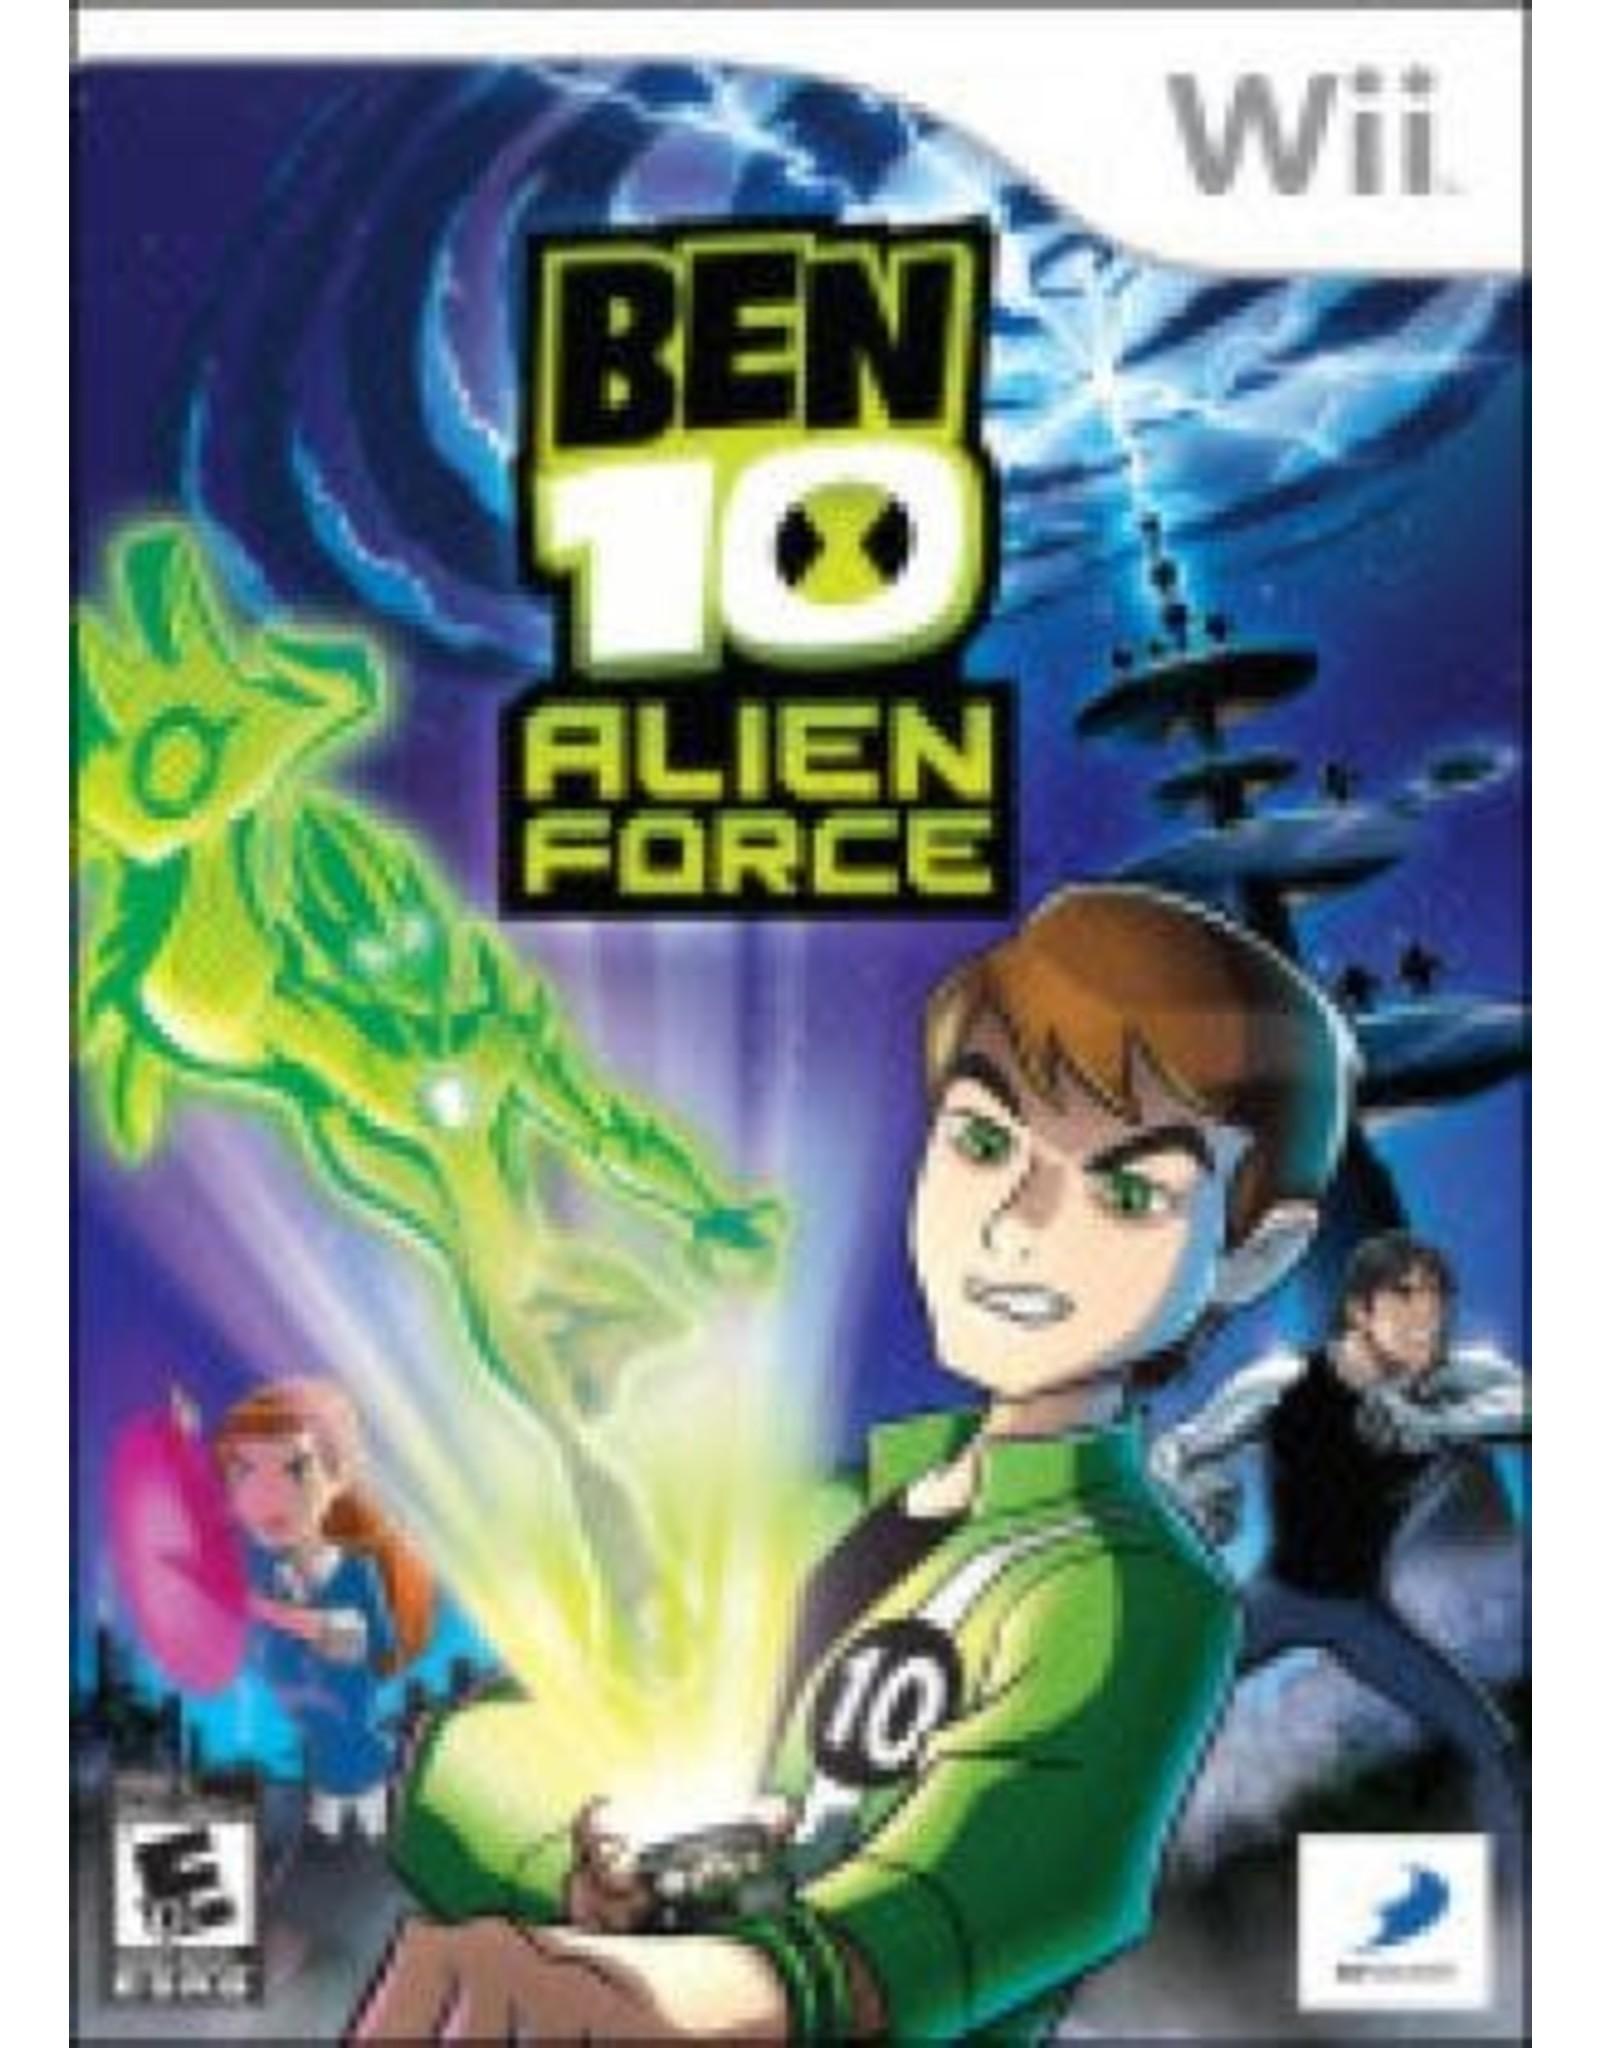 Wii Ben 10 Alien Force (CiB)